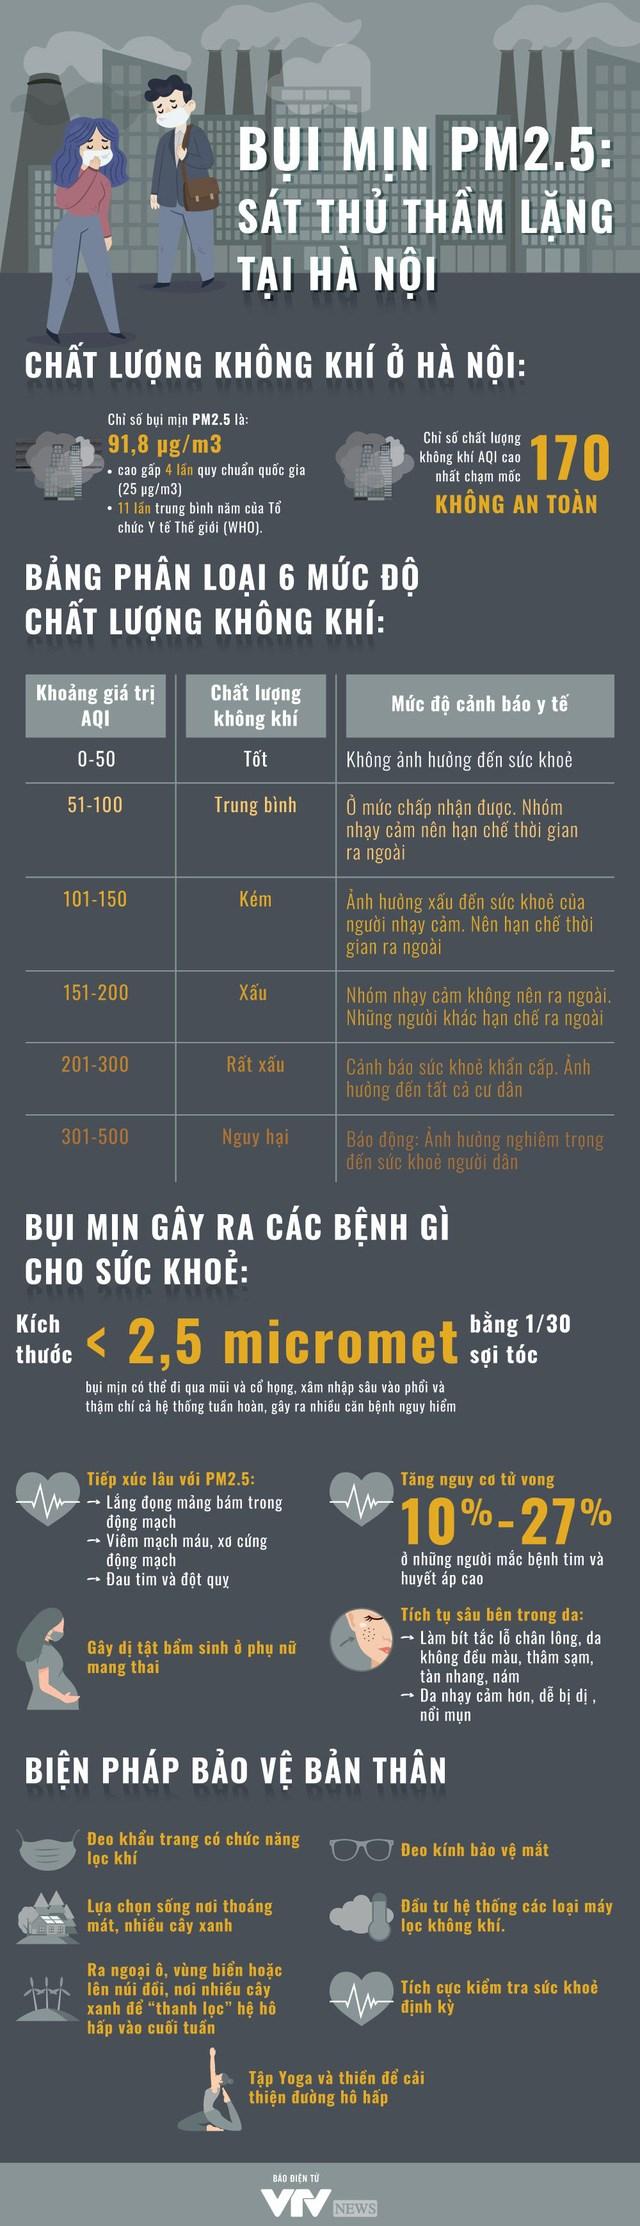 """[Infographic] Bụi mịn PM 2.5 - """"Sát thủ"""" thầm lặng tại Hà Nội - Ảnh 1"""